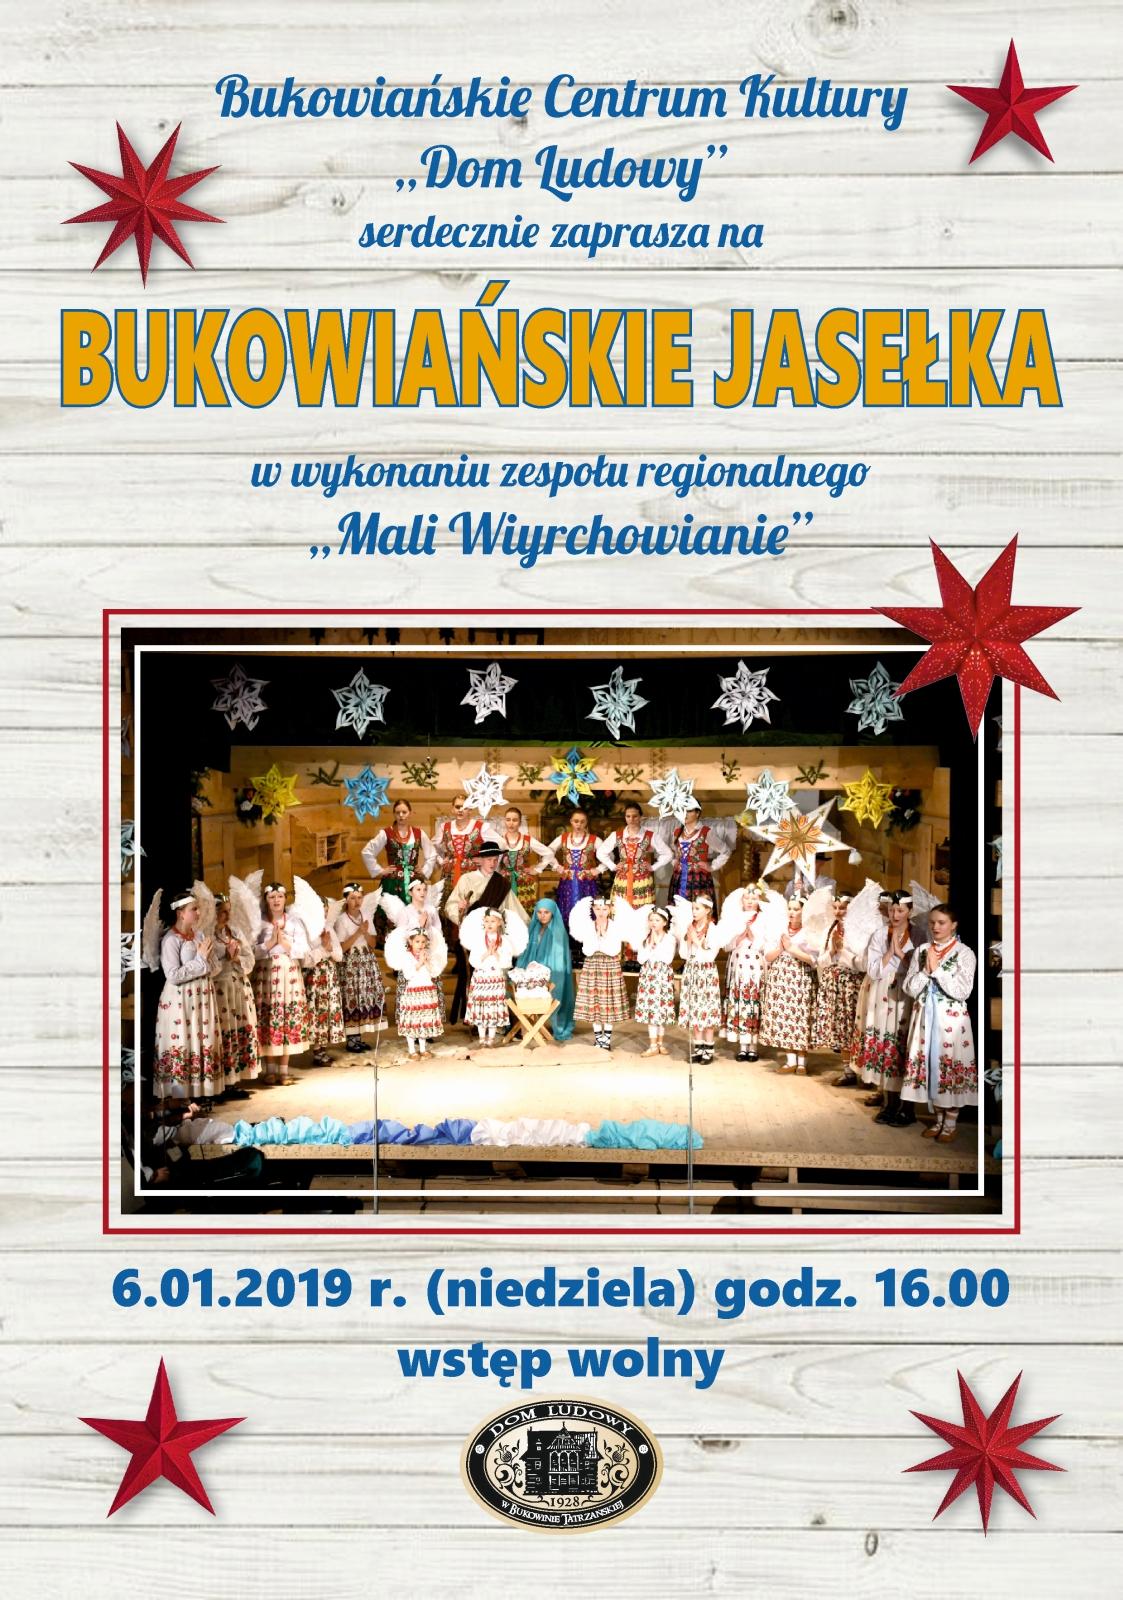 19.01.06 Bukowiańskie Jasełka - plakat